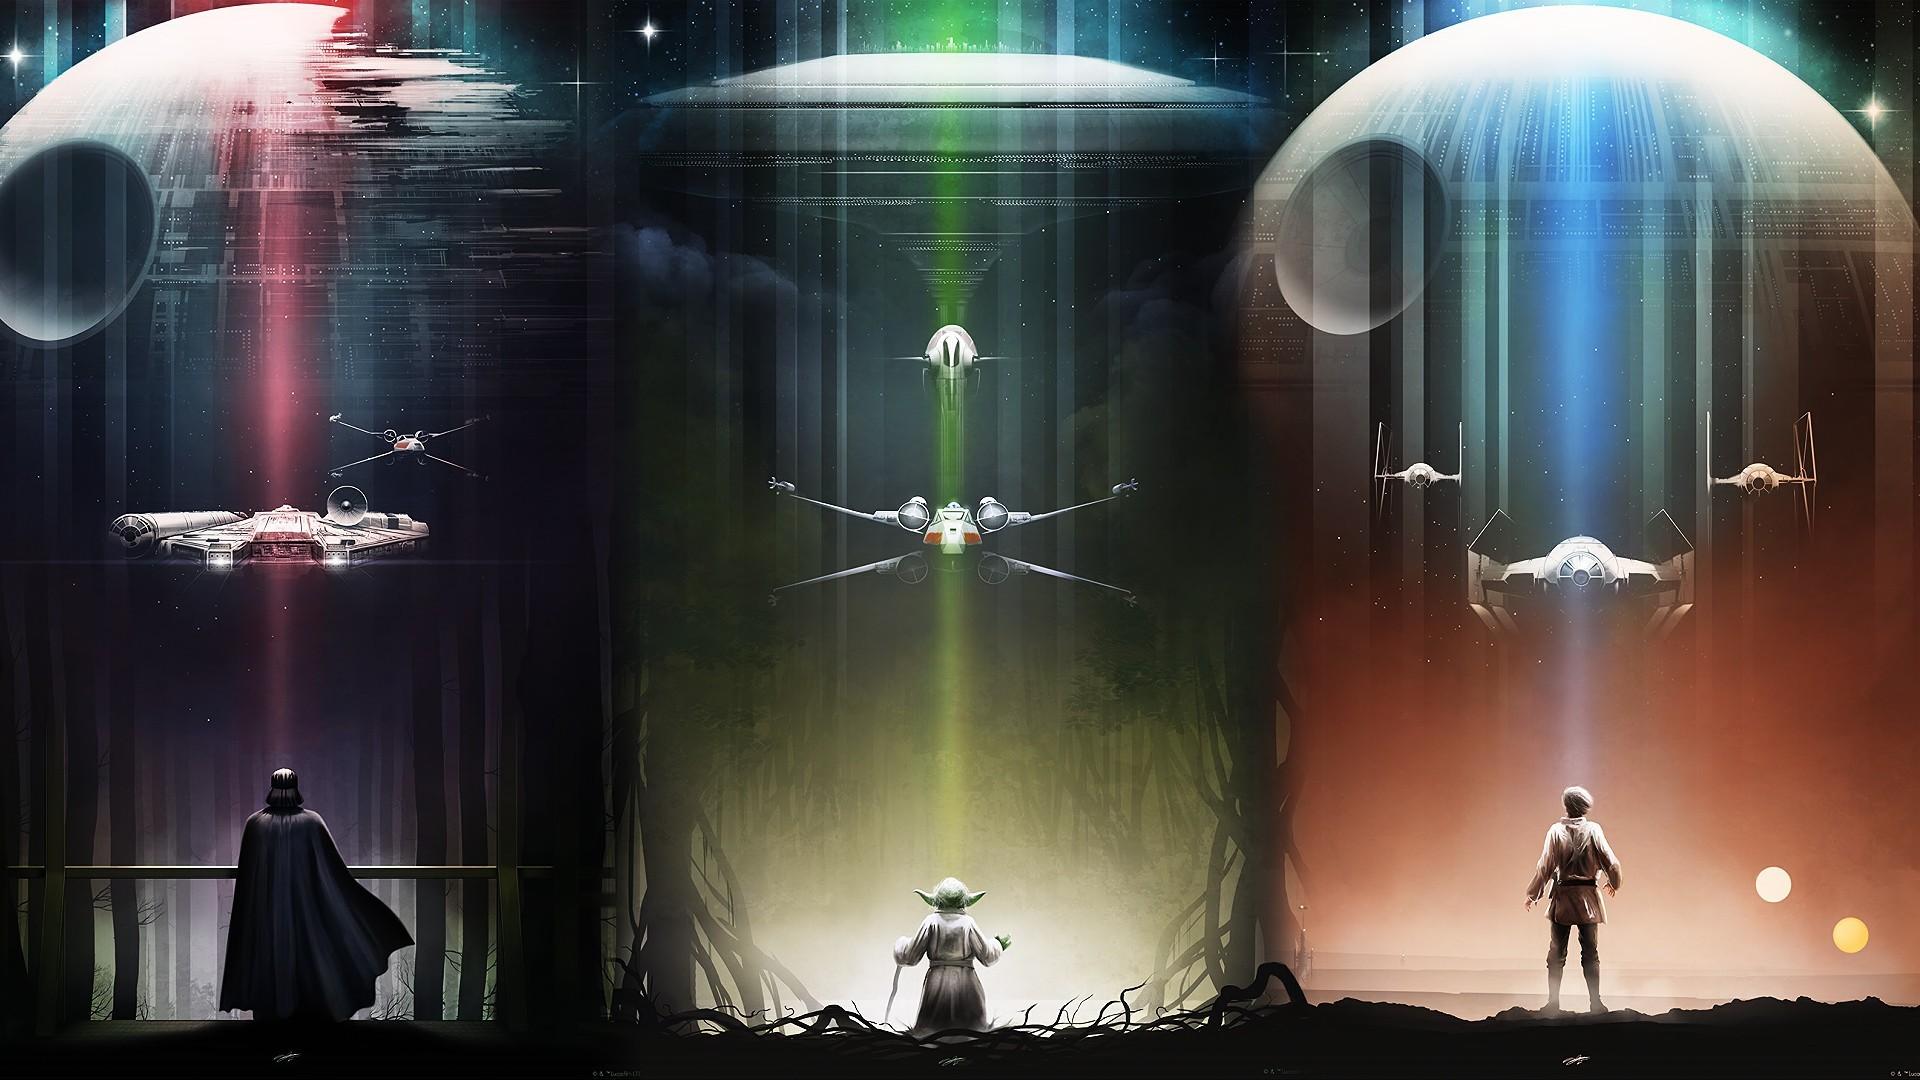 Sci Fi – Star Wars Darth Vader Yoda Death Star X-Wing TIE Fighter Millennium